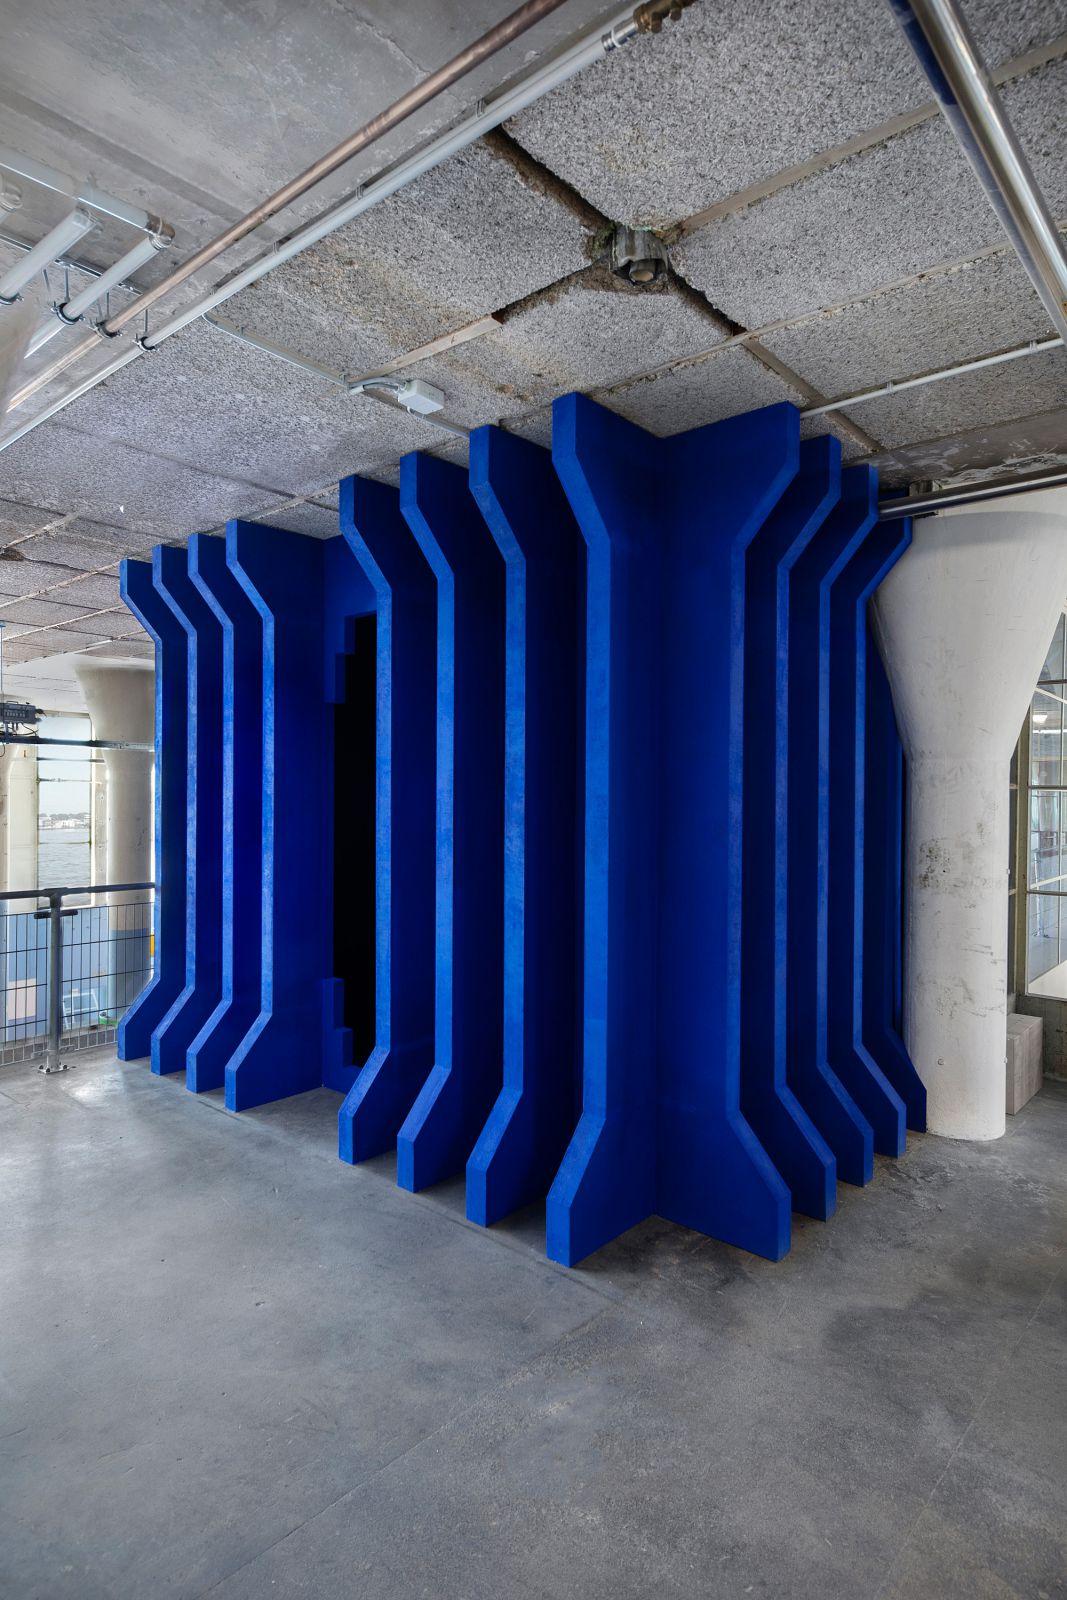 Mixed materials, 1200 x 400 x 400 cm